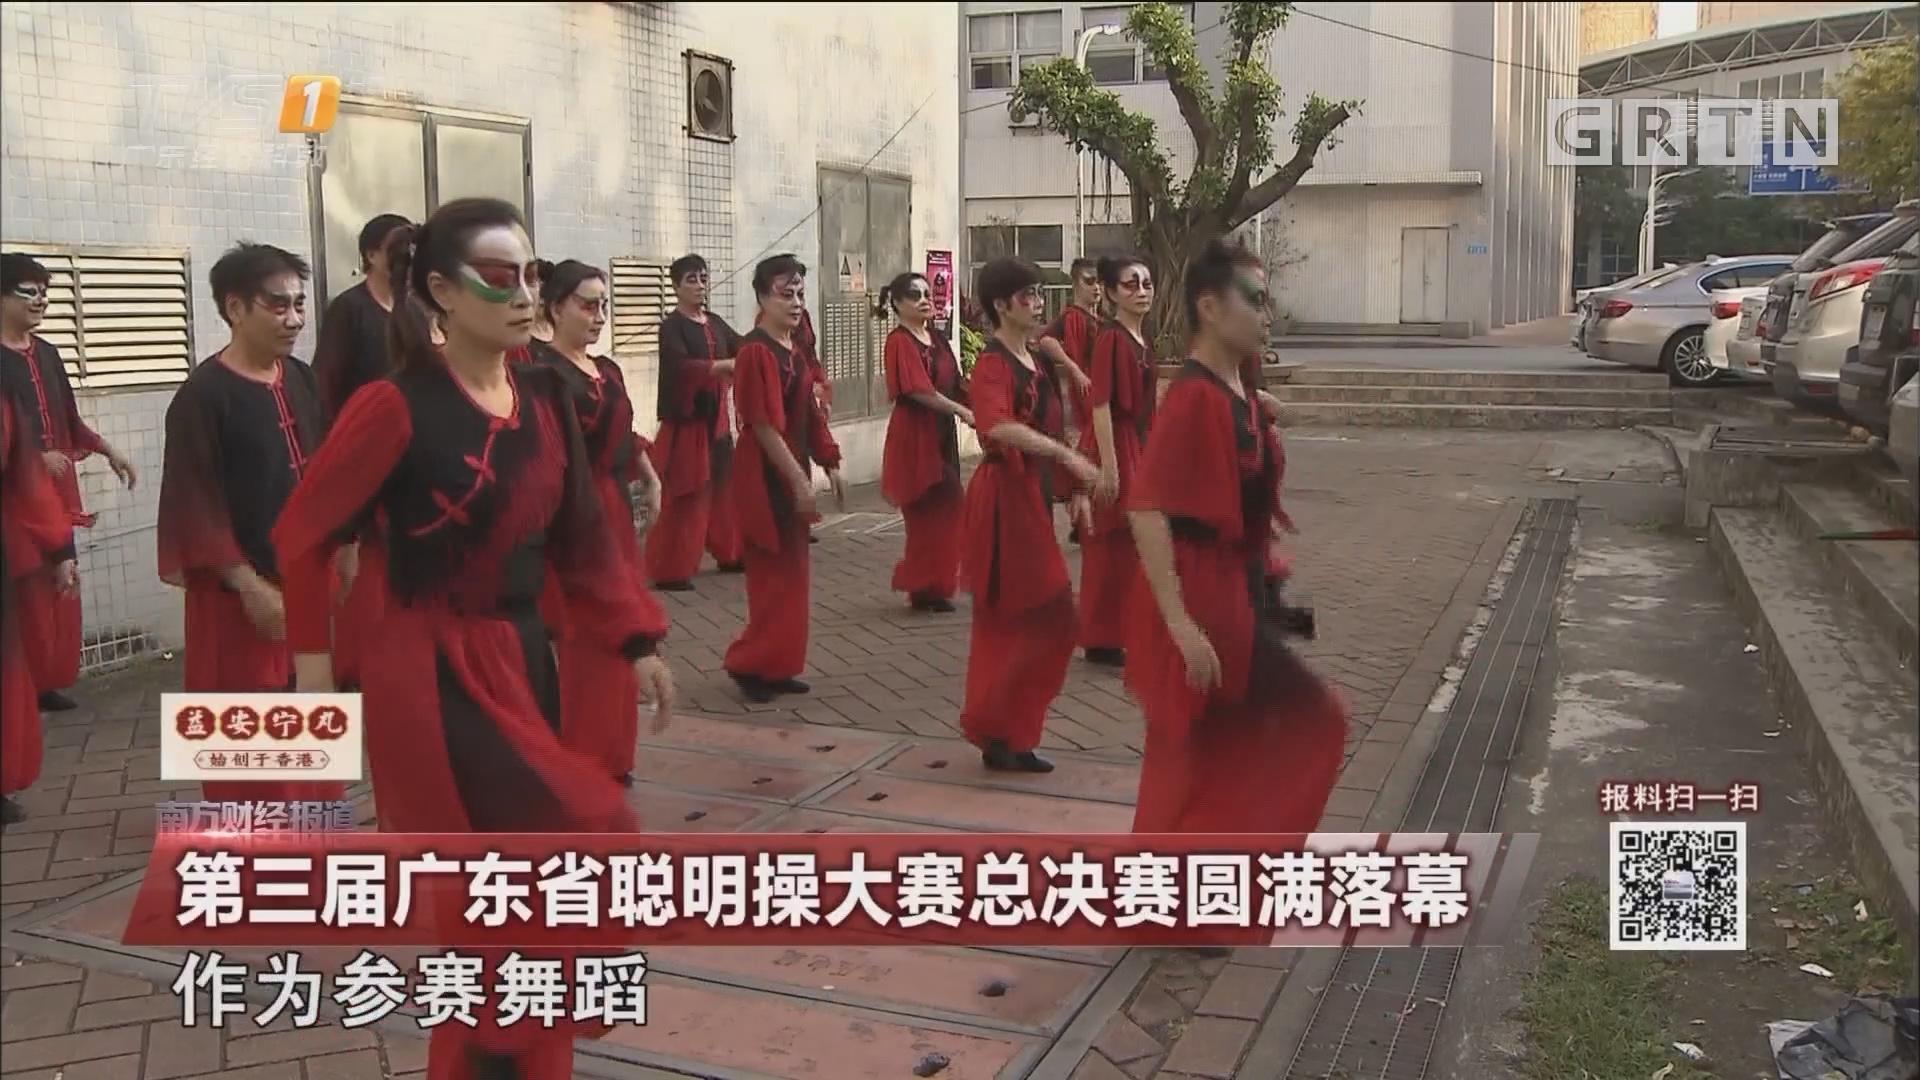 第三届广东省聪明操大赛总决赛圆满落幕